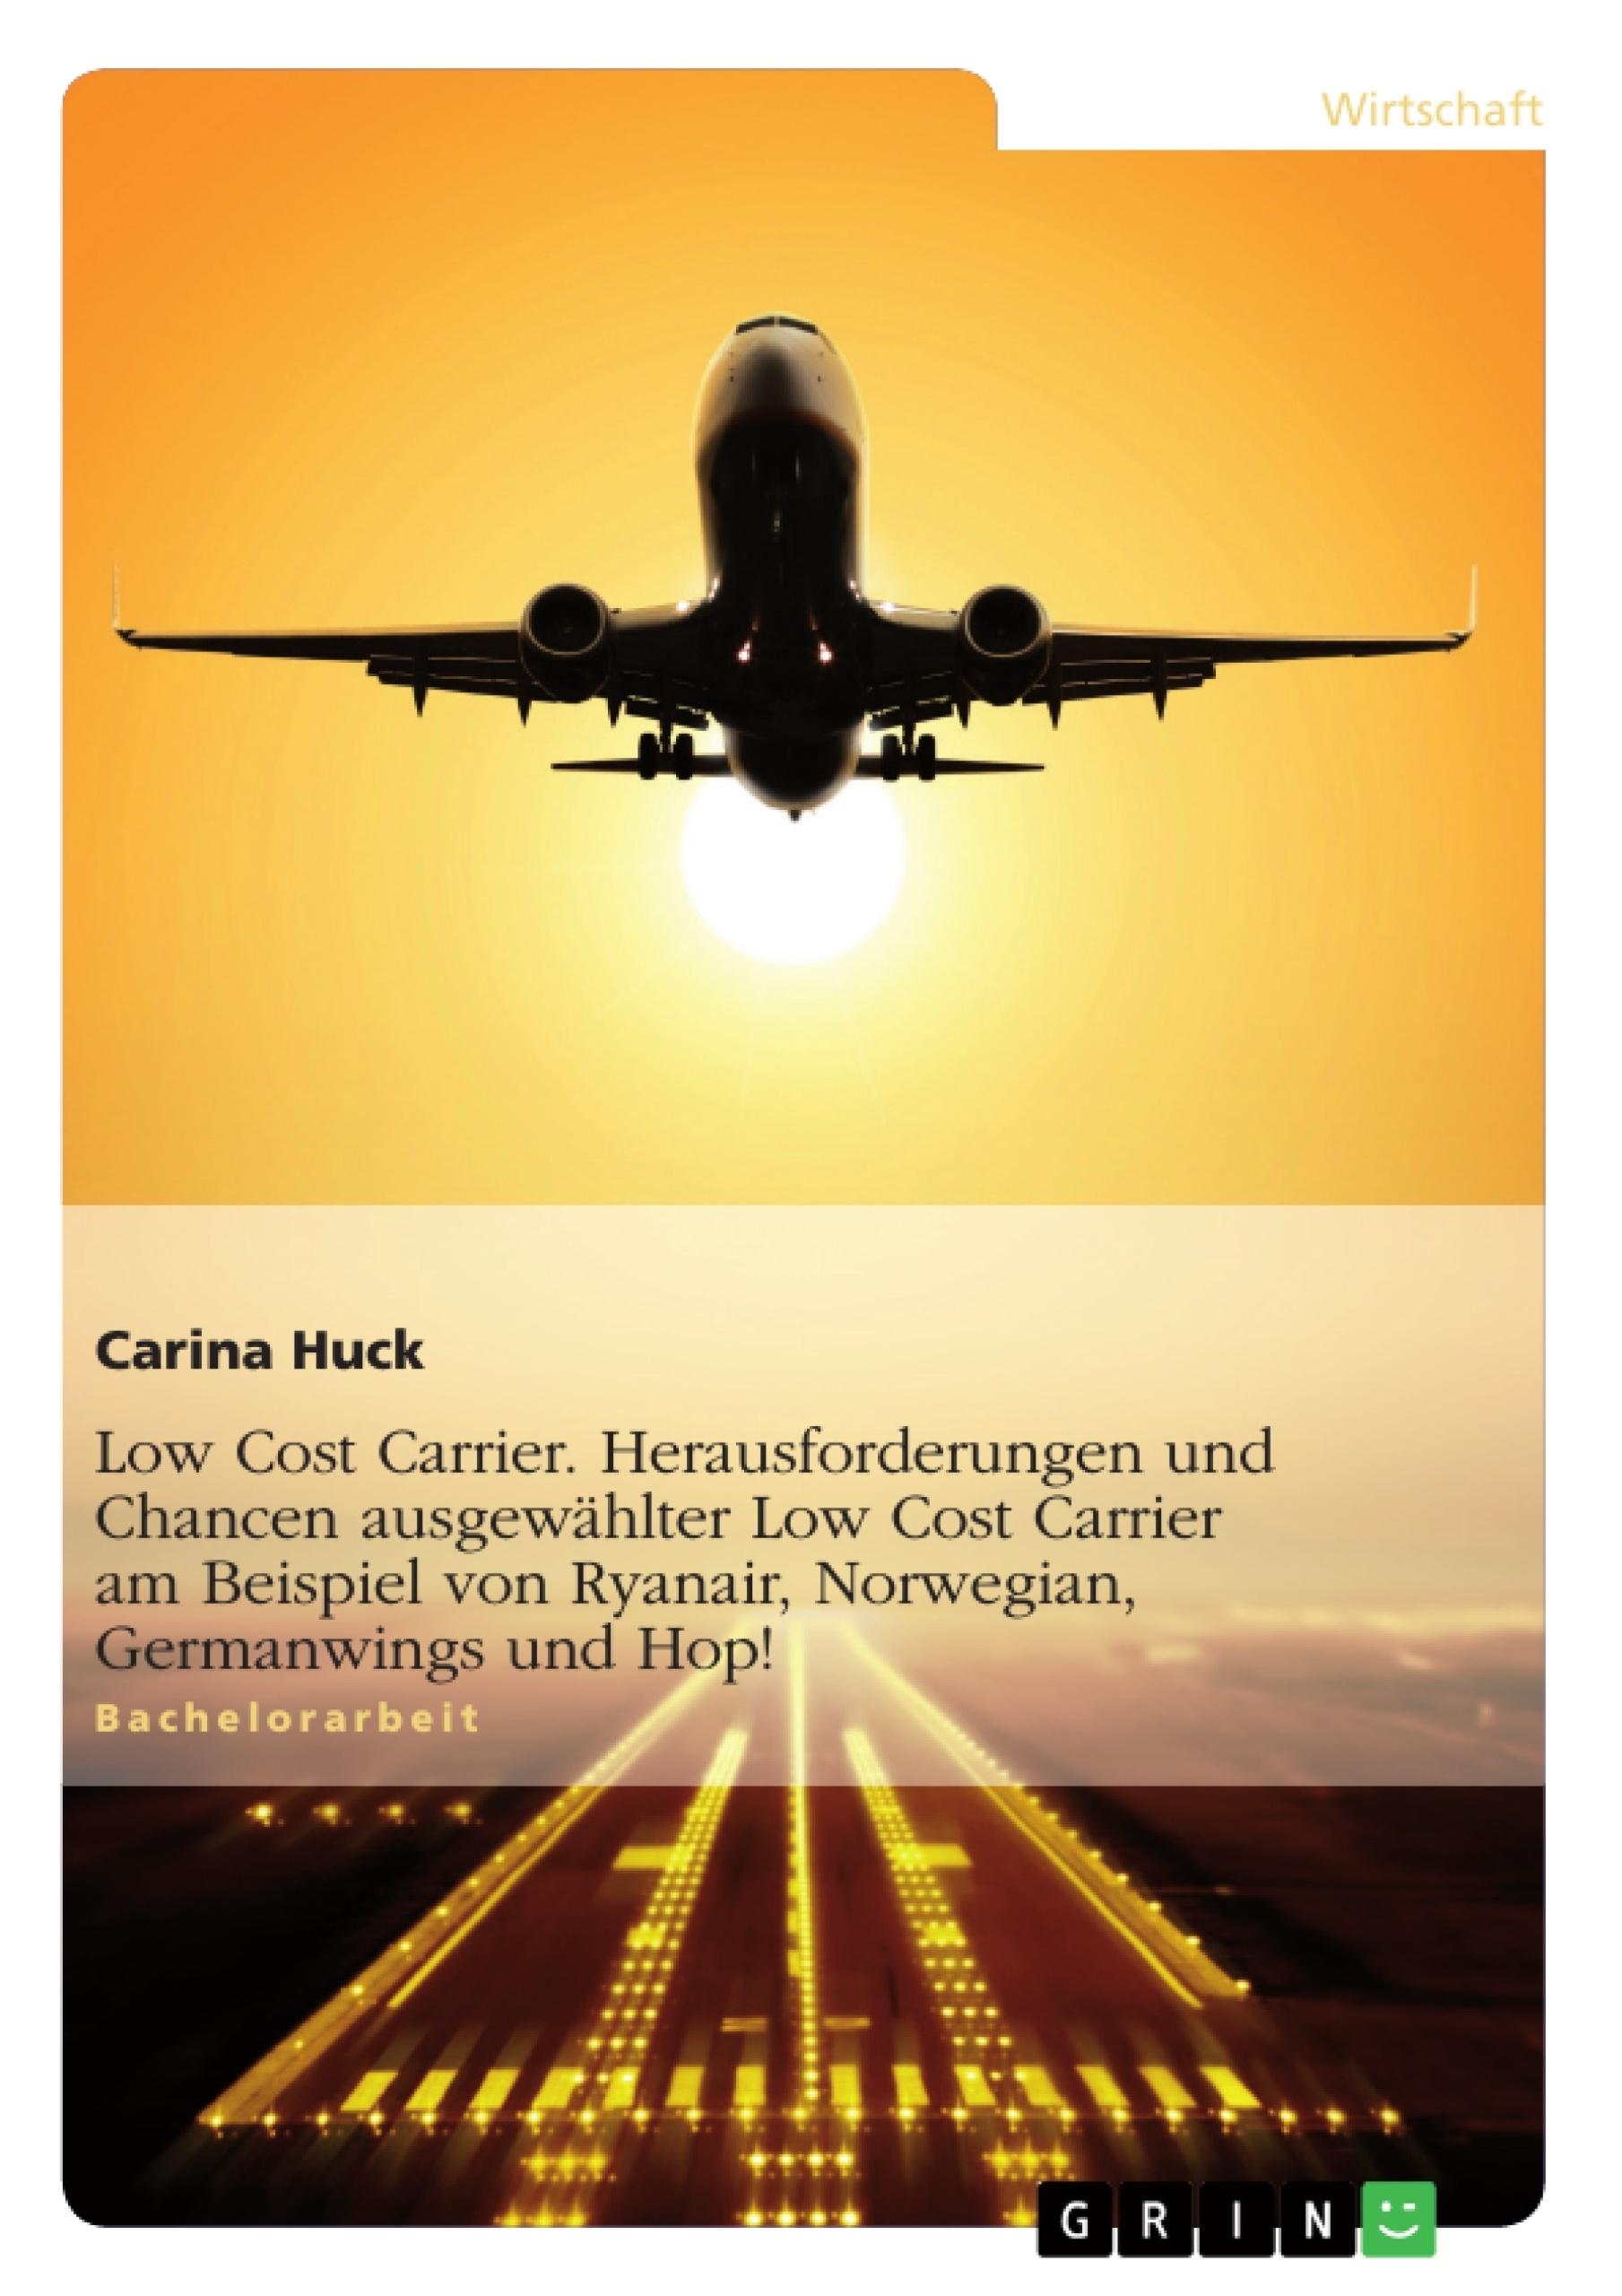 Titel: Low Cost Carrier. Herausforderungen und Chancen ausgewählter Low Cost Carrier am Beispiel von Ryanair, Norwegian, Germanwings und Hop!